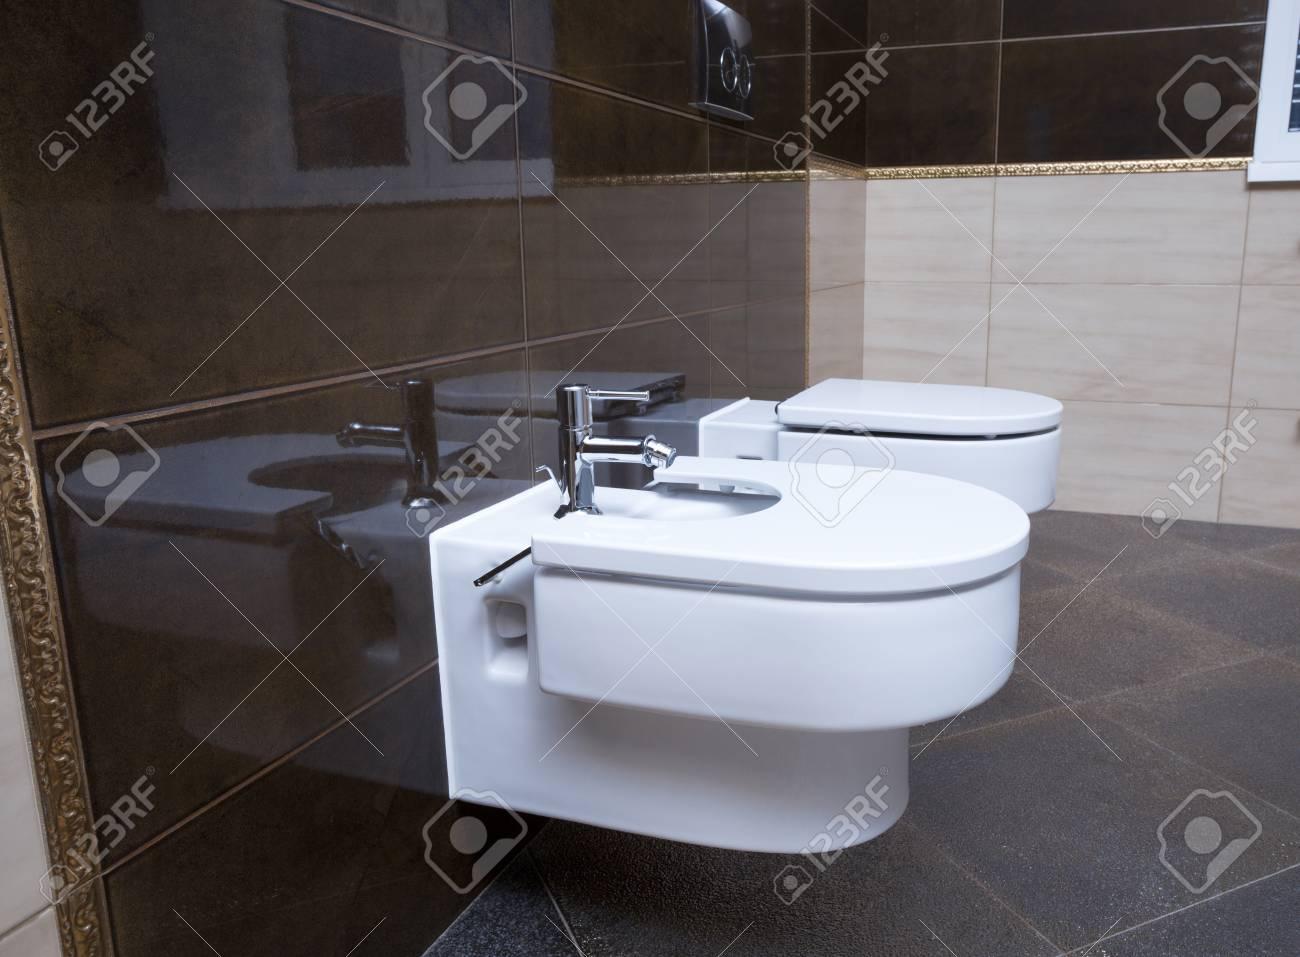 Plan Rapproche De Salle De Bains De Luxe Le Water Closet Et Un